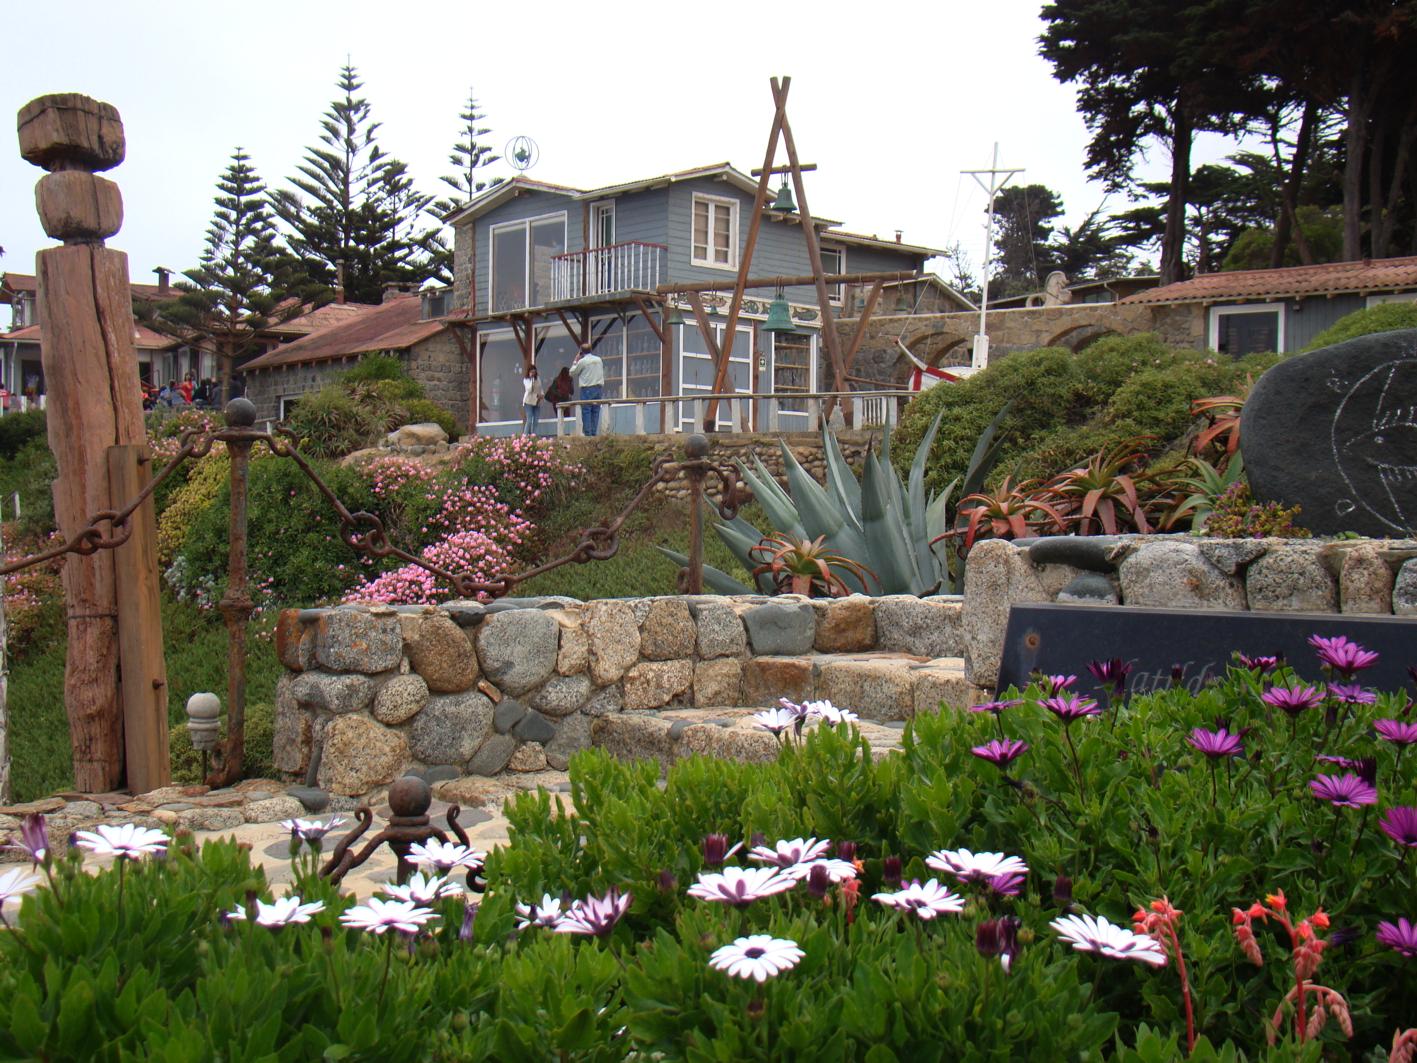 banco de jardim poesia:Da tumba do poeta e sua amada avista-se, altaneira, a casa idílica, a